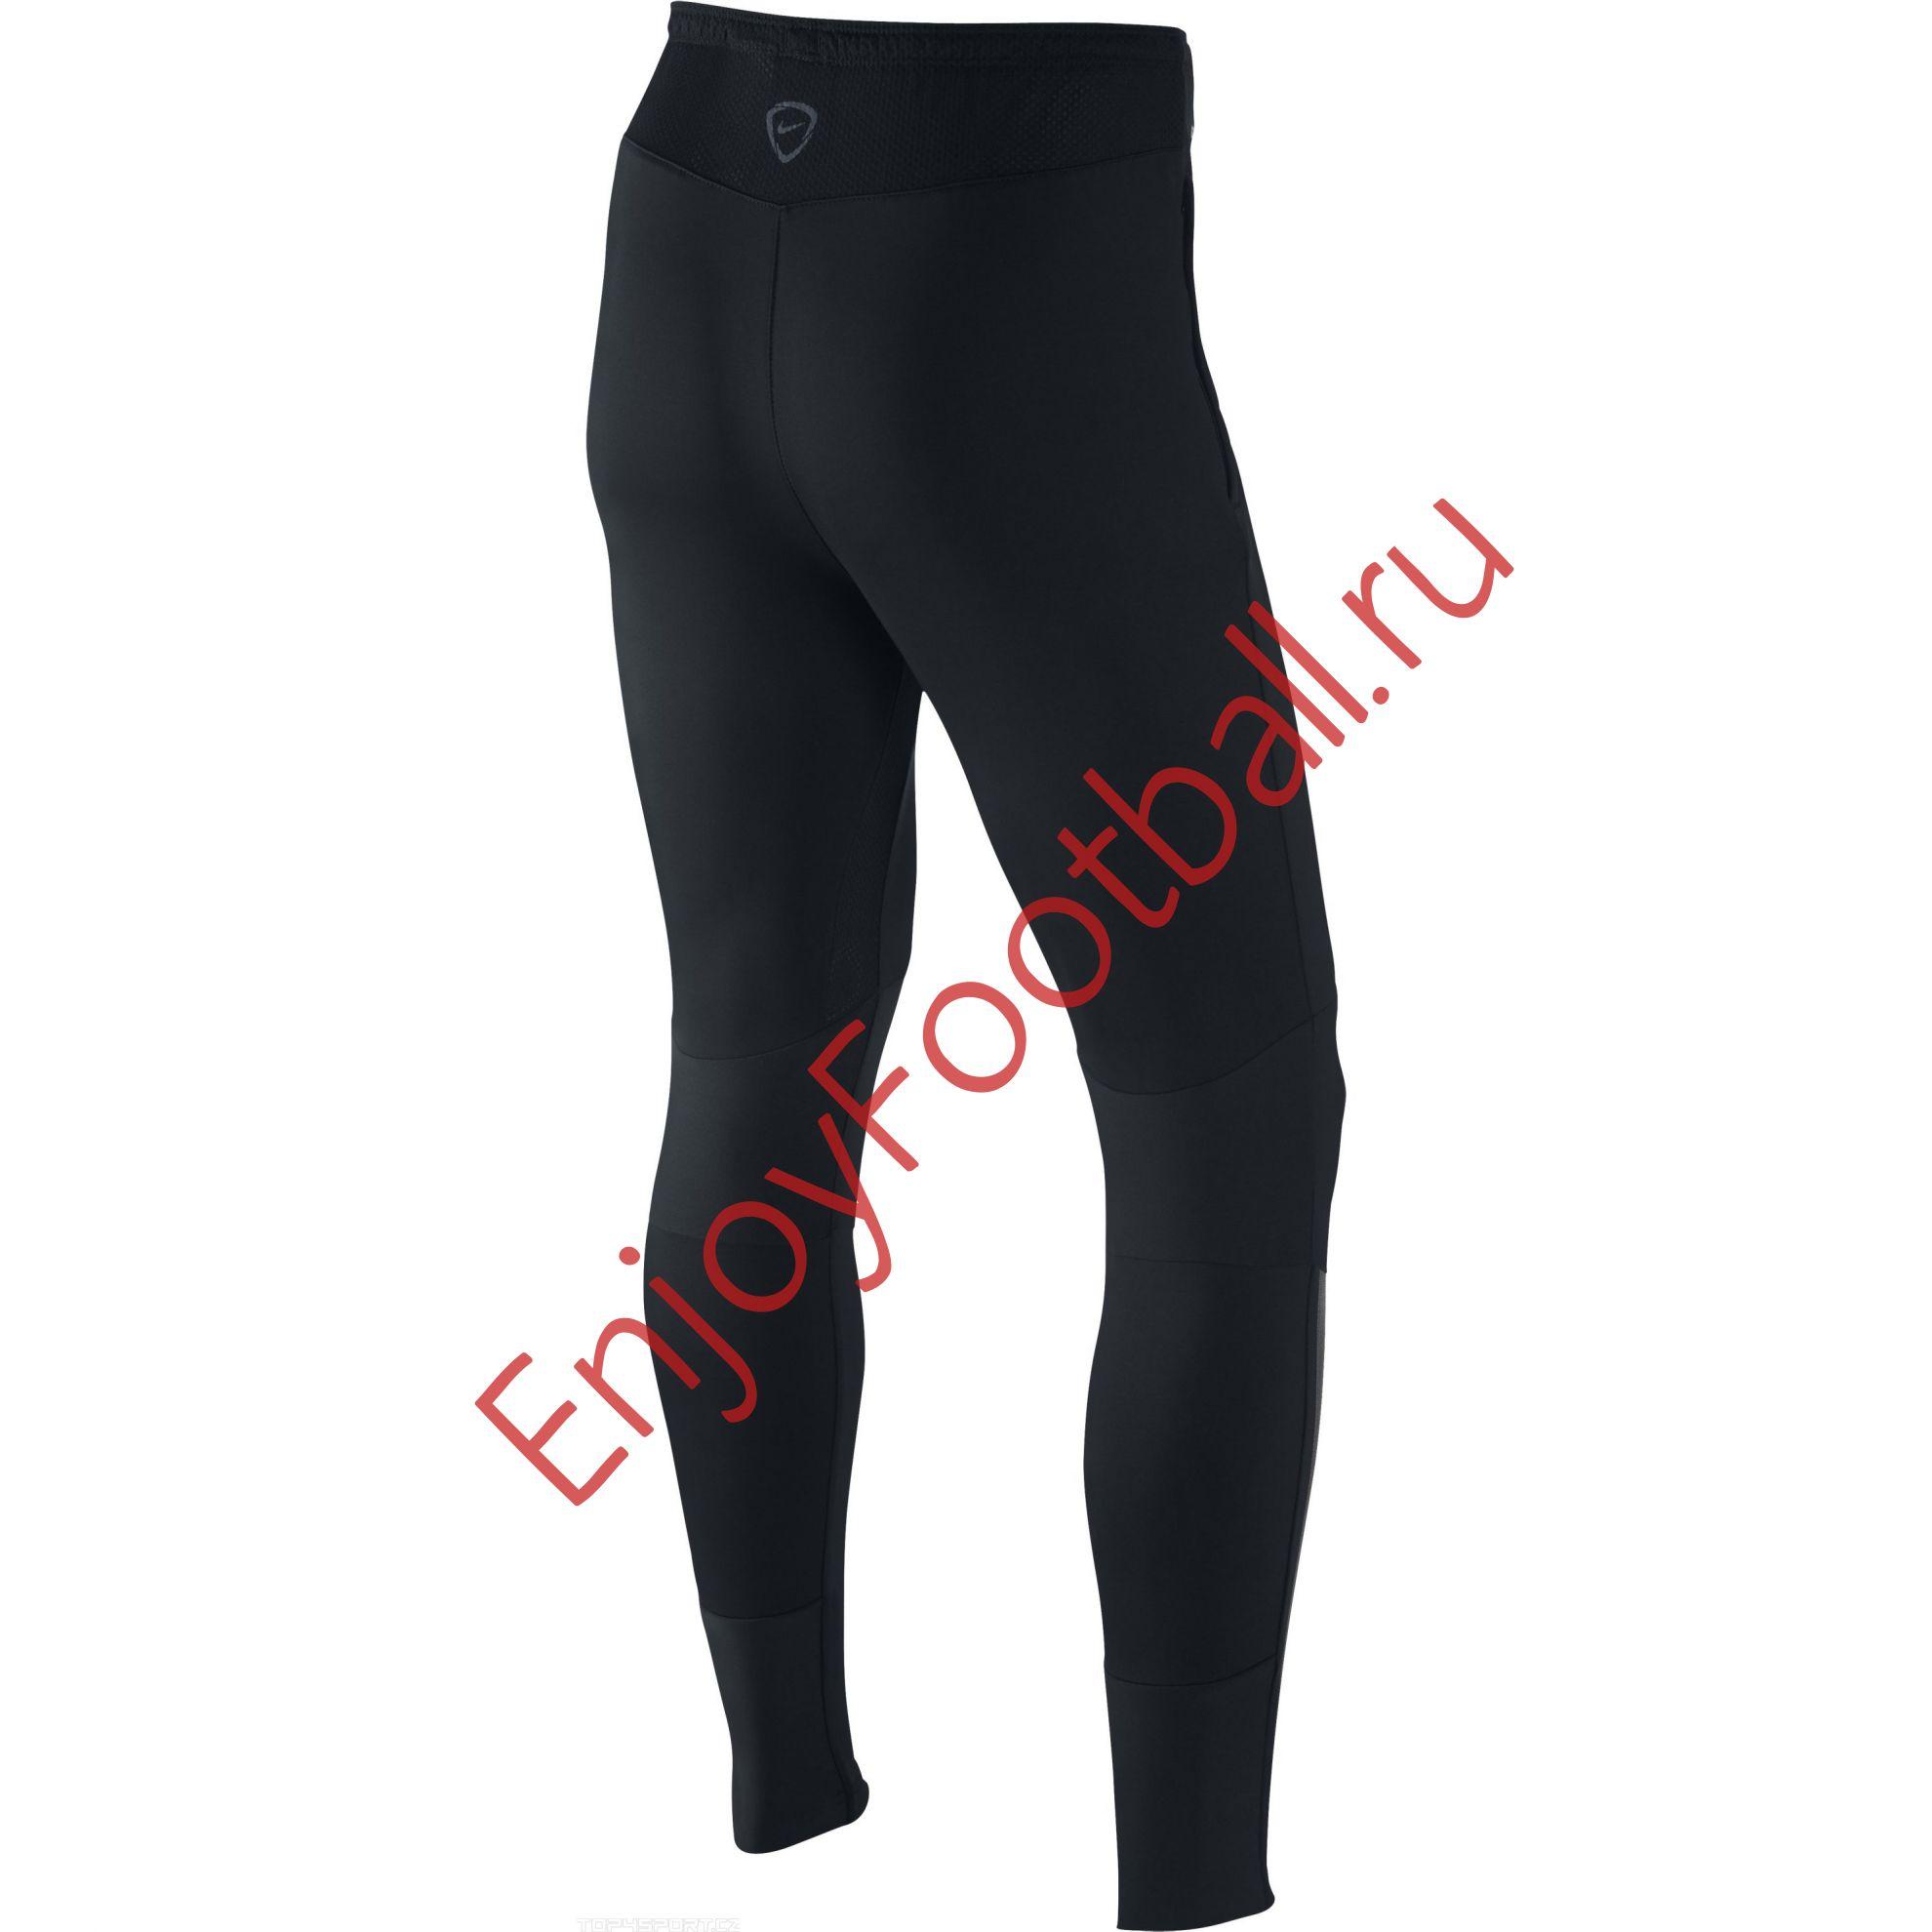 Штаны для тренировок NIKE SELECT STRIKE TECH PANT купить в ... ff903d393d9